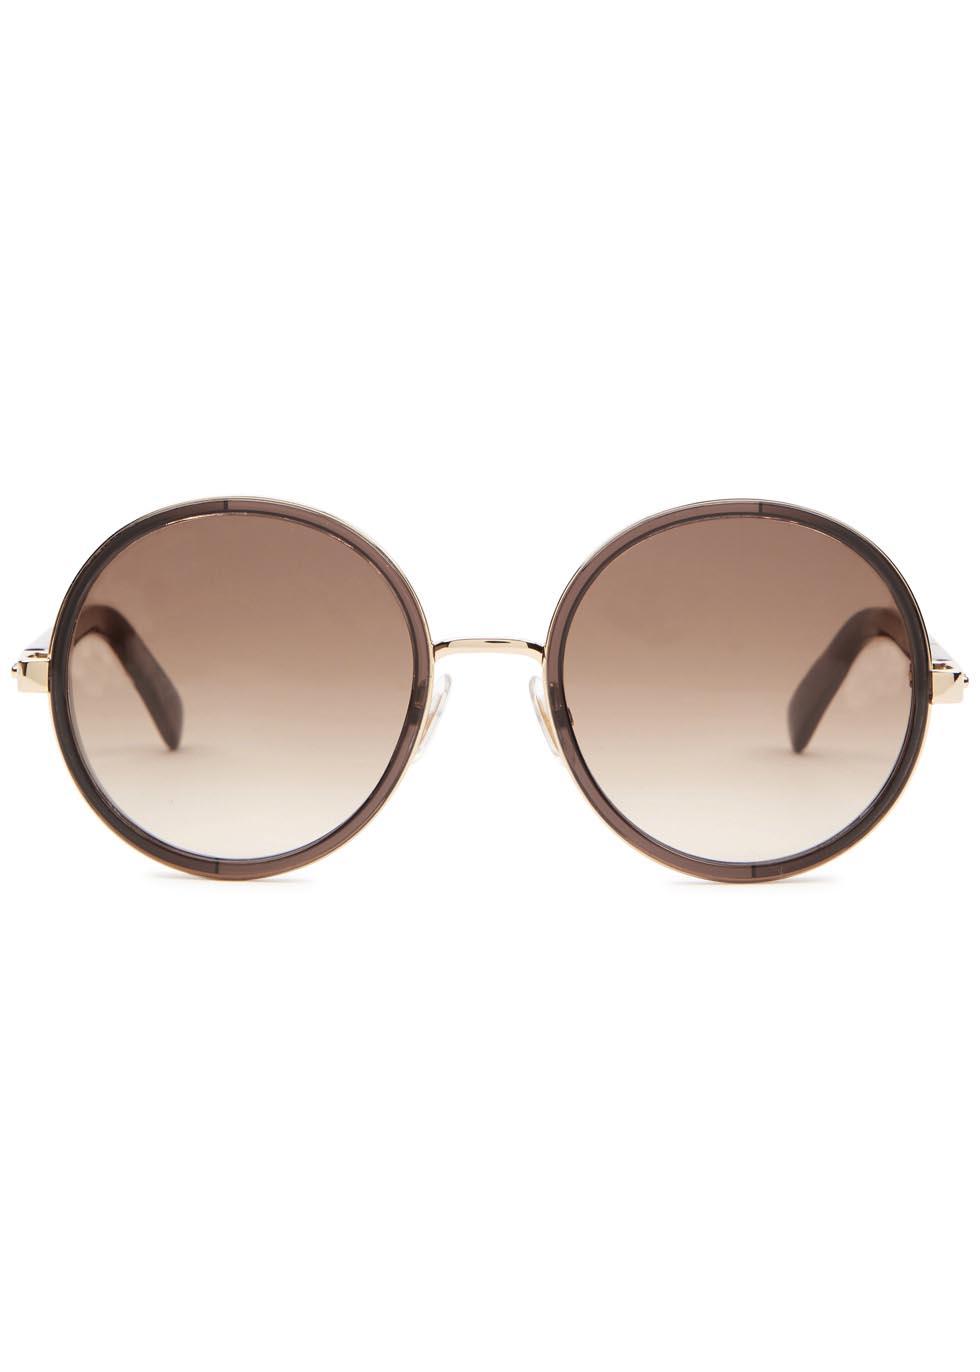 Andie brown mirrored sunglasses - Jimmy Choo